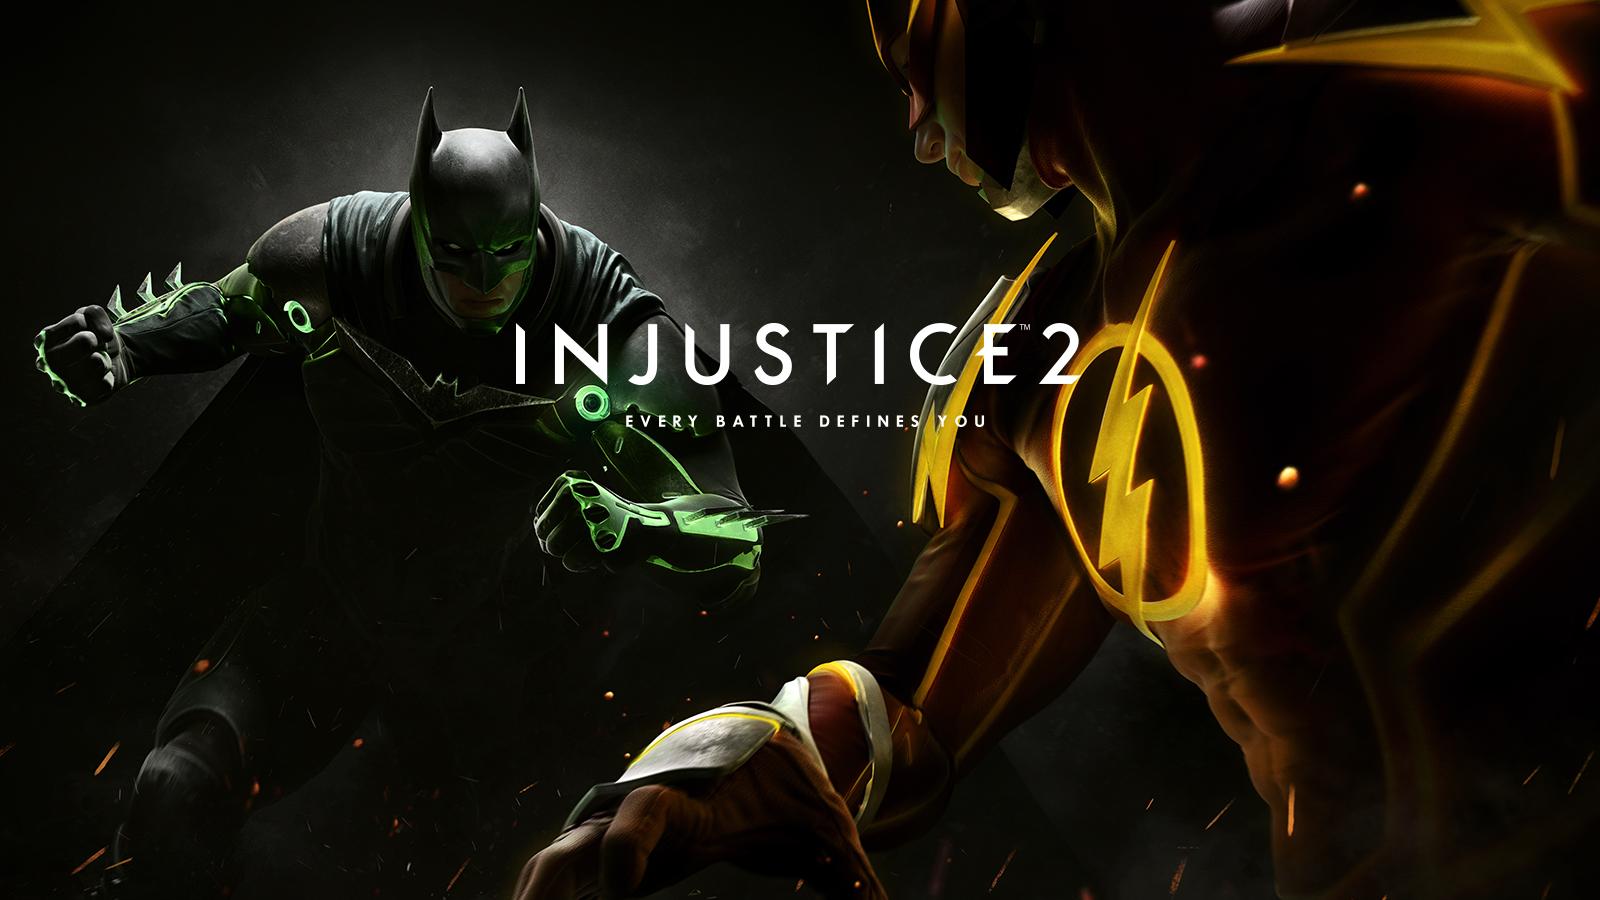 تماشا کنید: سومین مجموعه از مبارزین Injustice 2 معرفی شدند